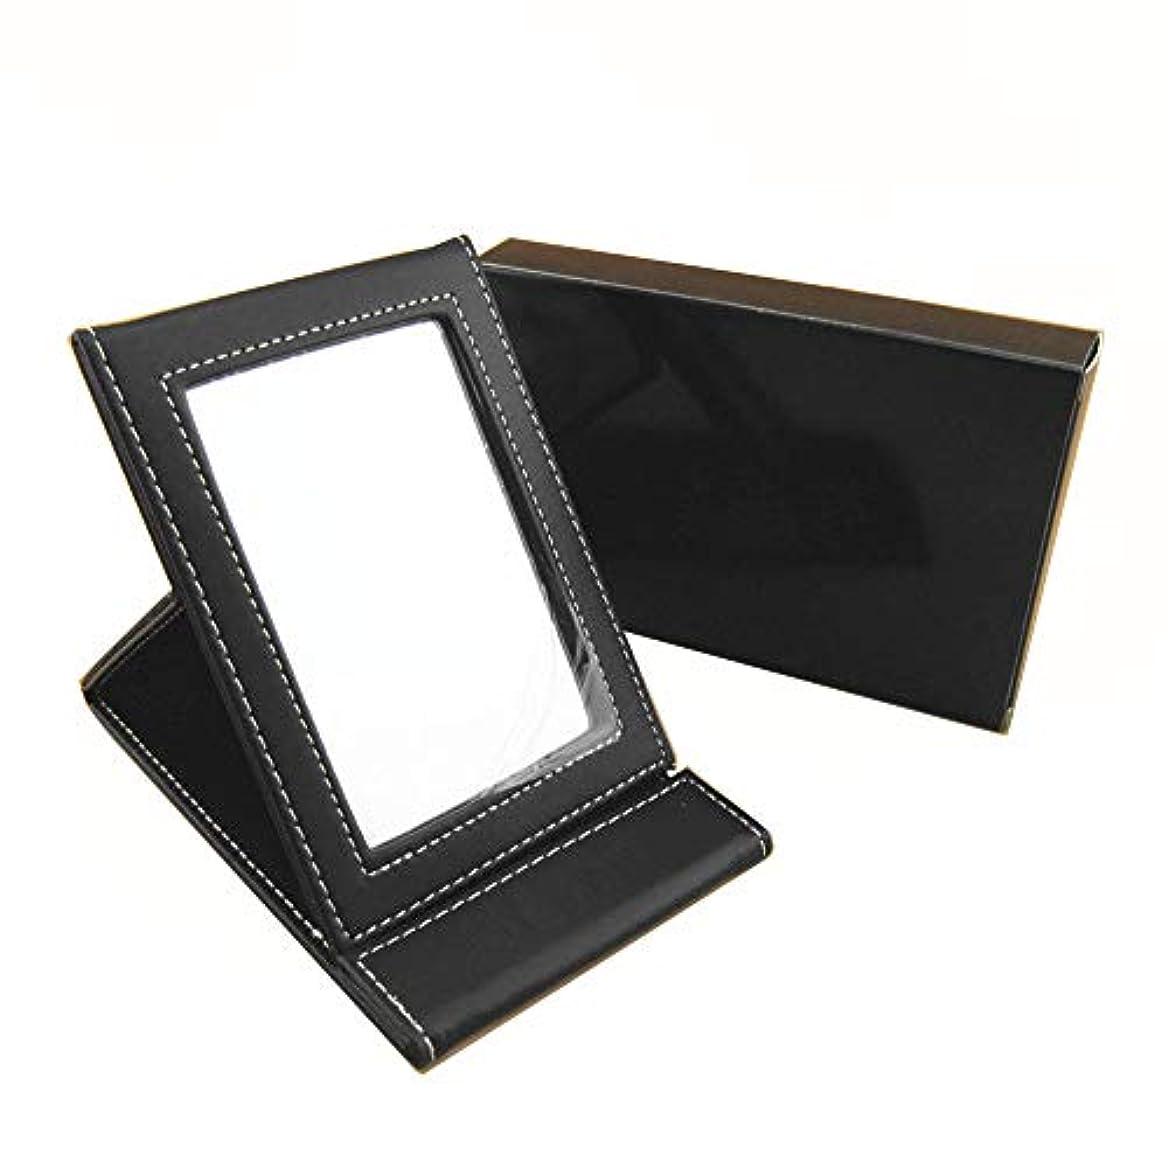 管理するチップバルセロナCikoume 化粧鏡 折り畳み鏡 デスクトップ ミラー 携帯 A4サイズ 卓上 鏡 上質PUレザー使用 【ブラック】